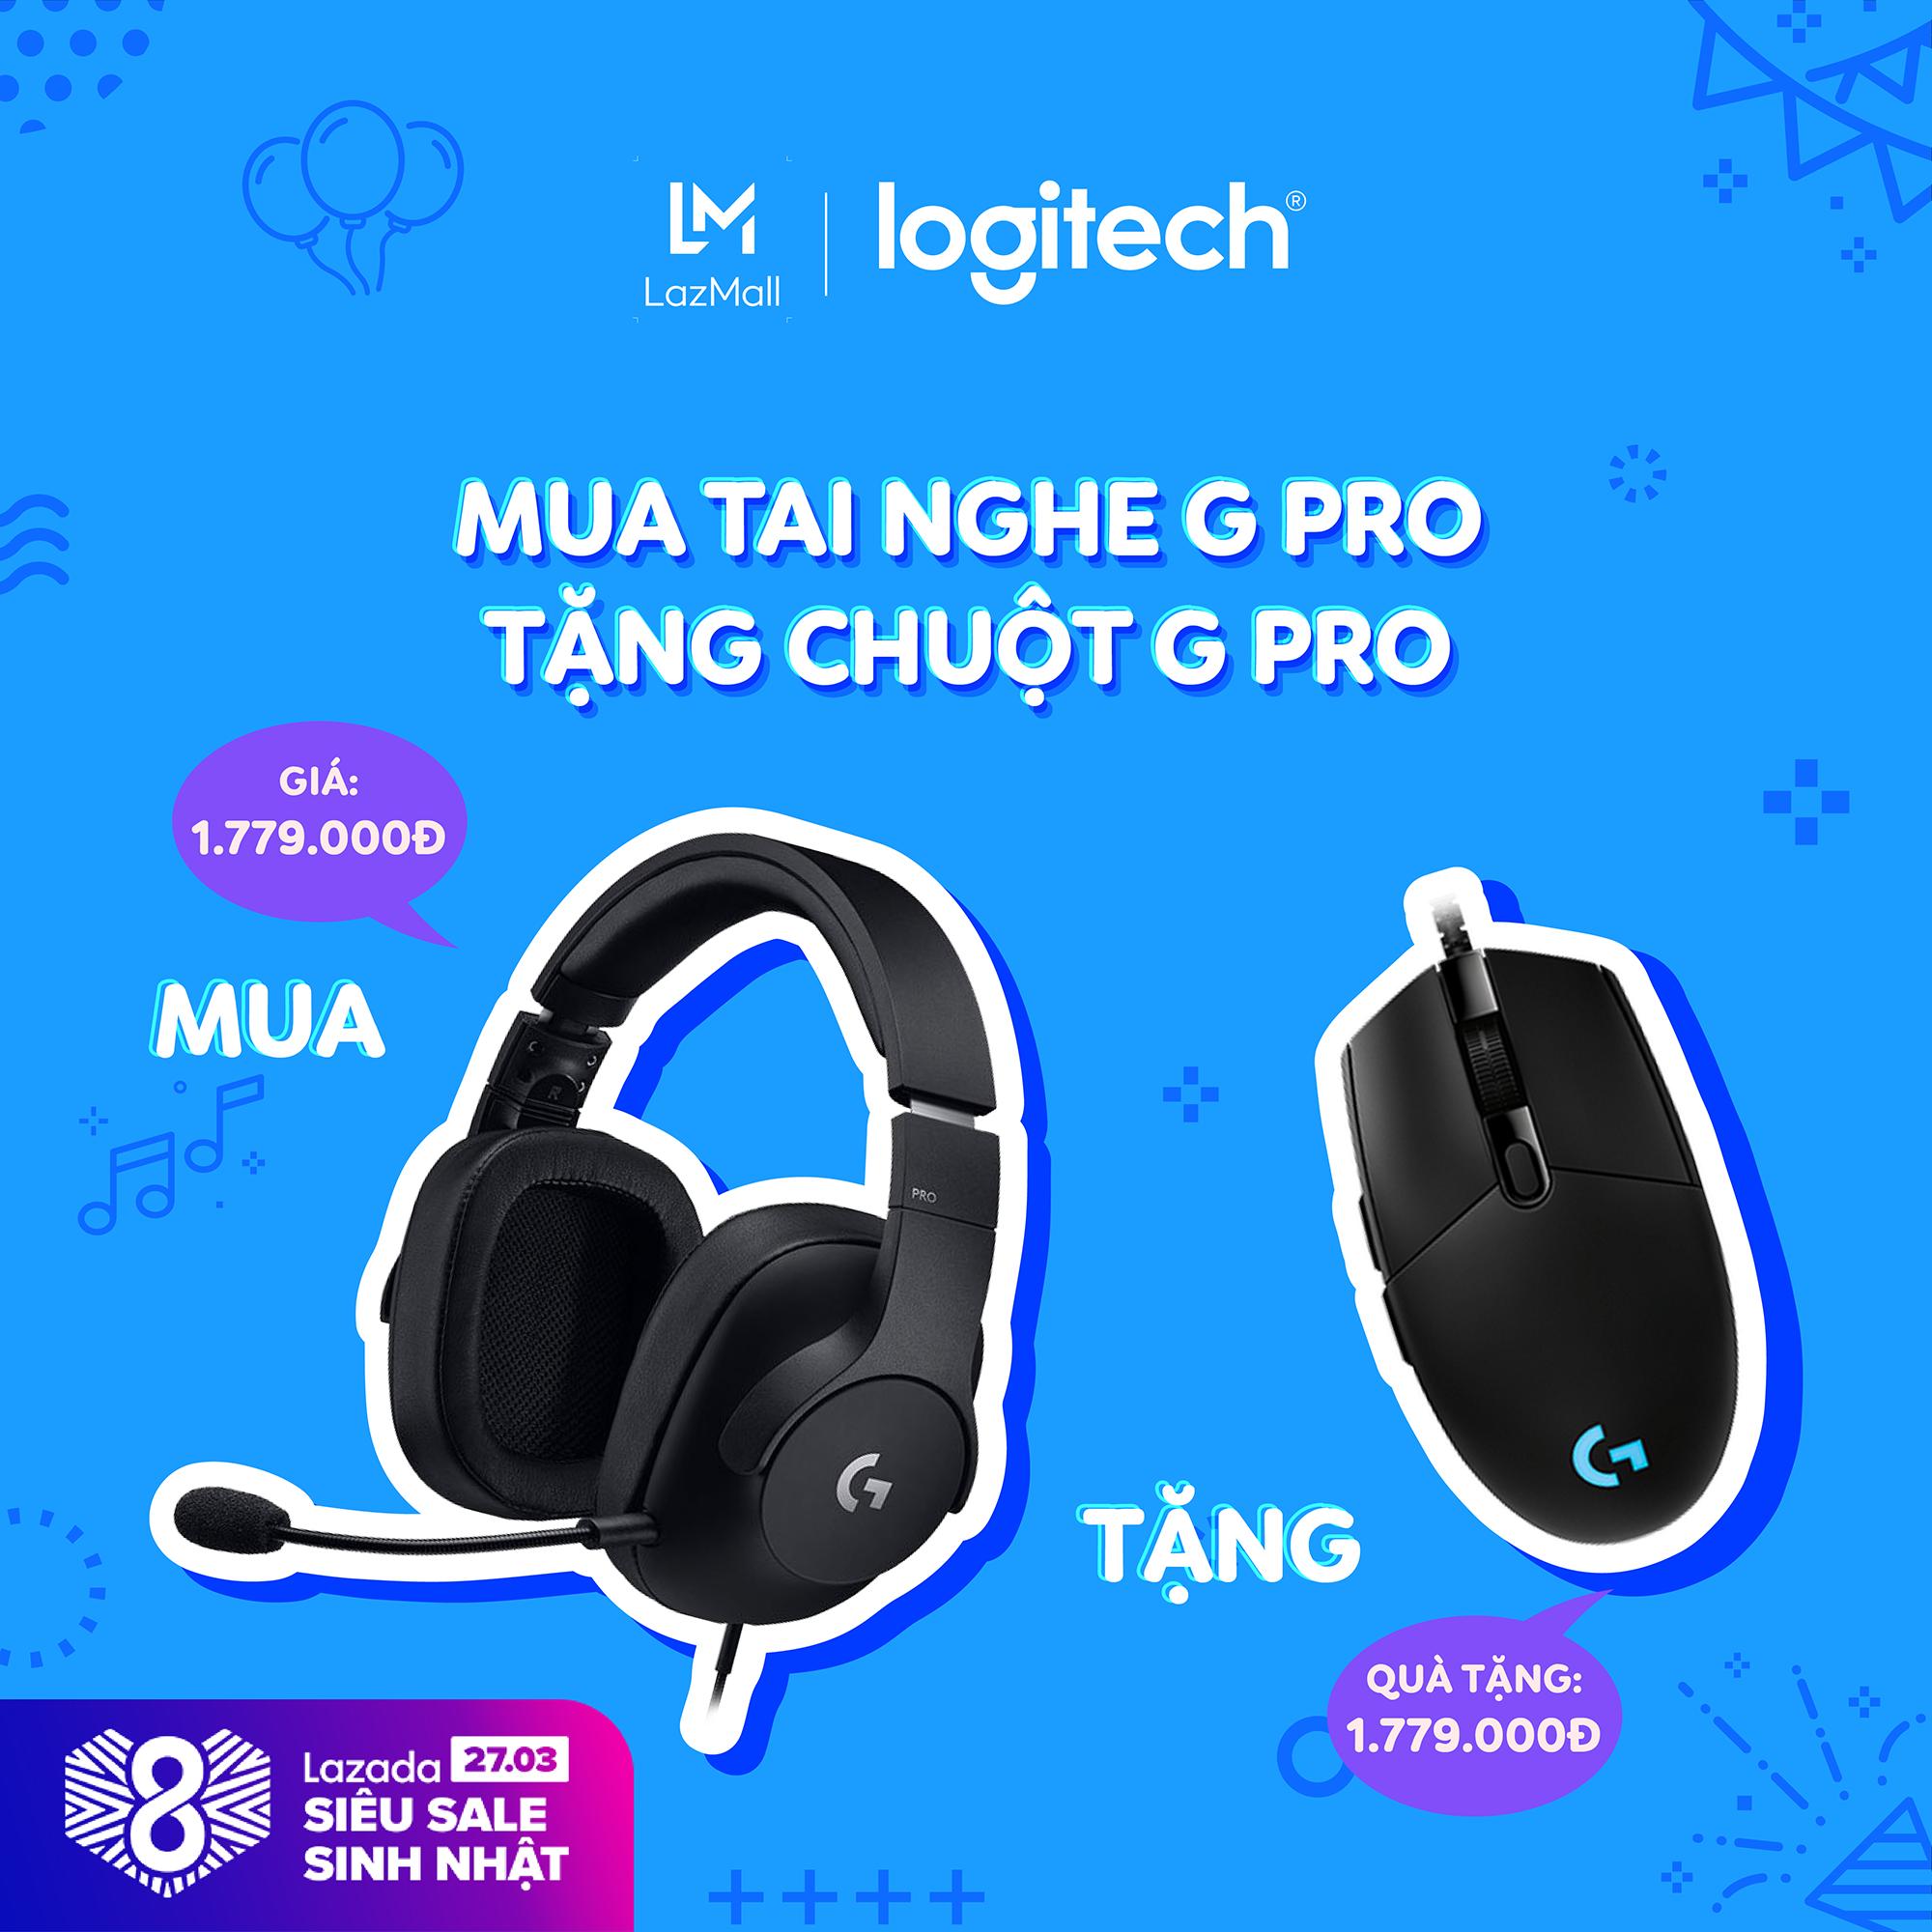 Giá Tai nghe gaming Logitech G PRO với micro đẳng cấp Pro dành cho PC, PC VR, Mac, Xbox One, Playstation 4, Nintendo Switch